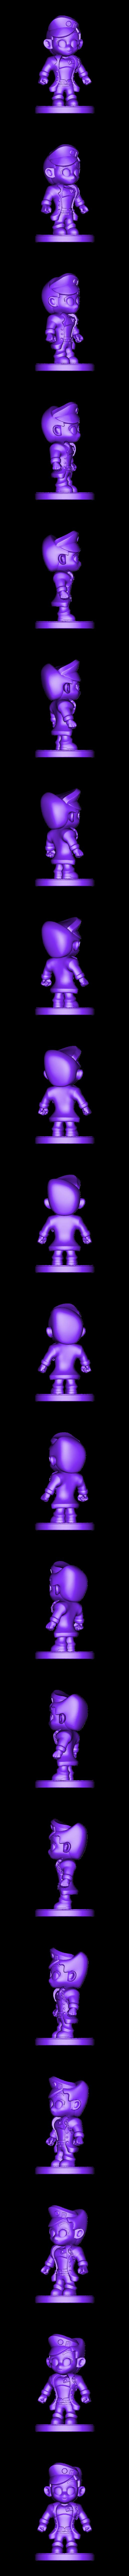 jojo.stl Descargar archivo STL Jotaro Kujo chibi // Las extrañas aventuras de Jojo • Diseño para la impresora 3D, MatteoMoscatelli